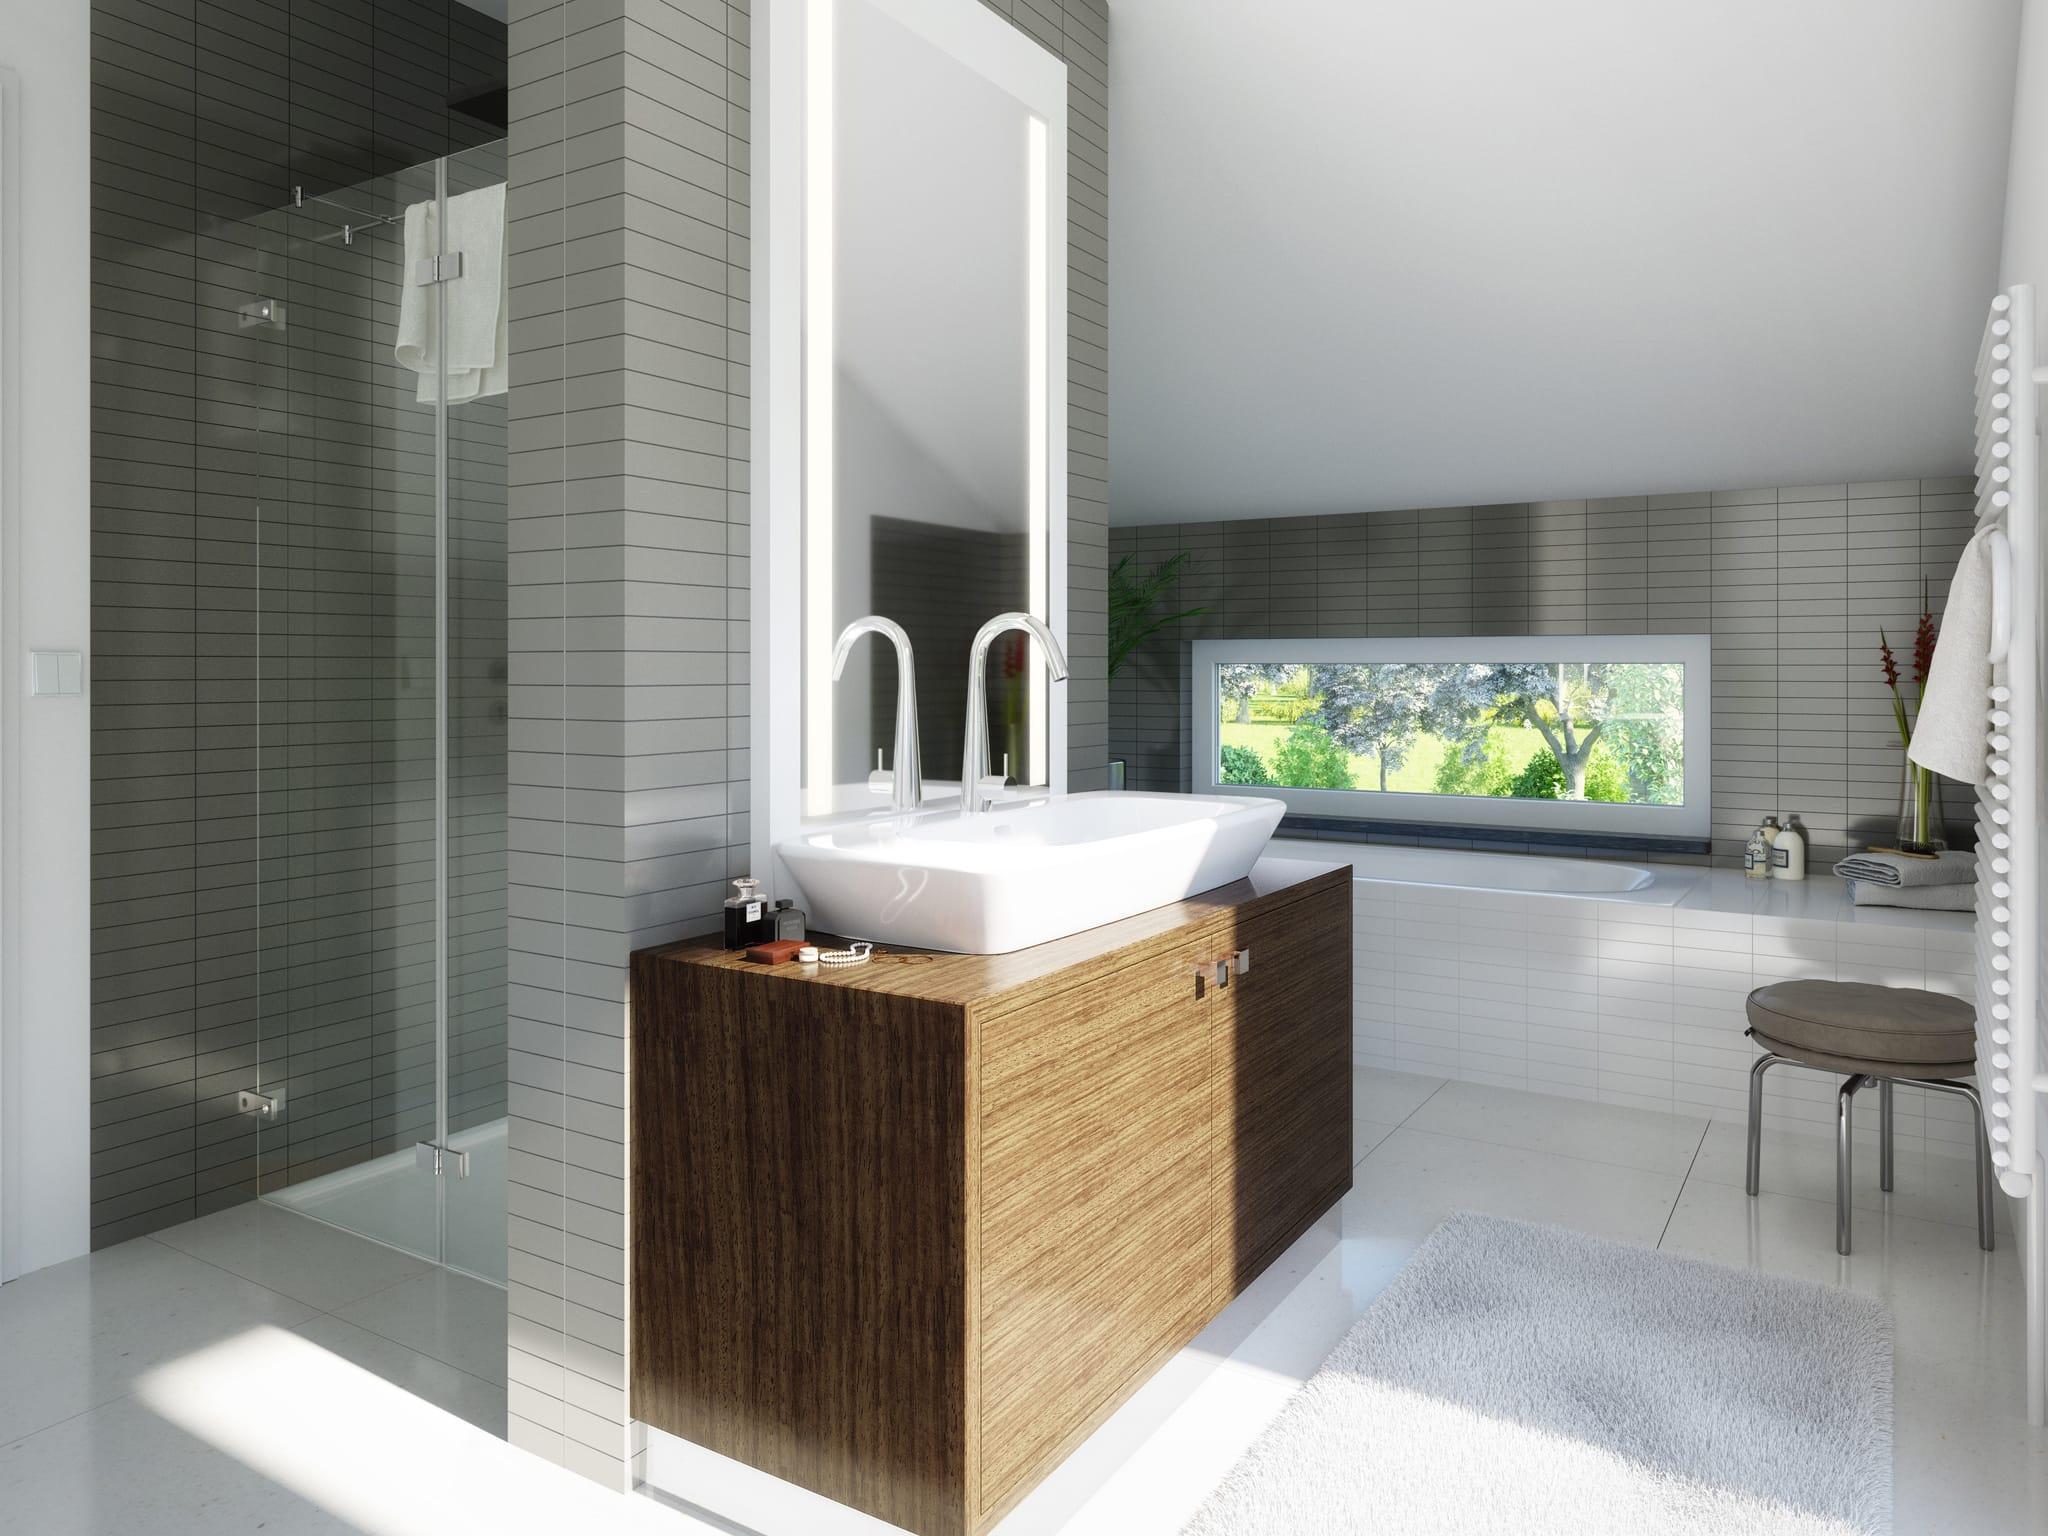 Badezimmer modern Fliesen grau weiß - Wohnideen Fertighaus SUNSHINE 165 V5 von Living Haus - HausbauDirekt.de